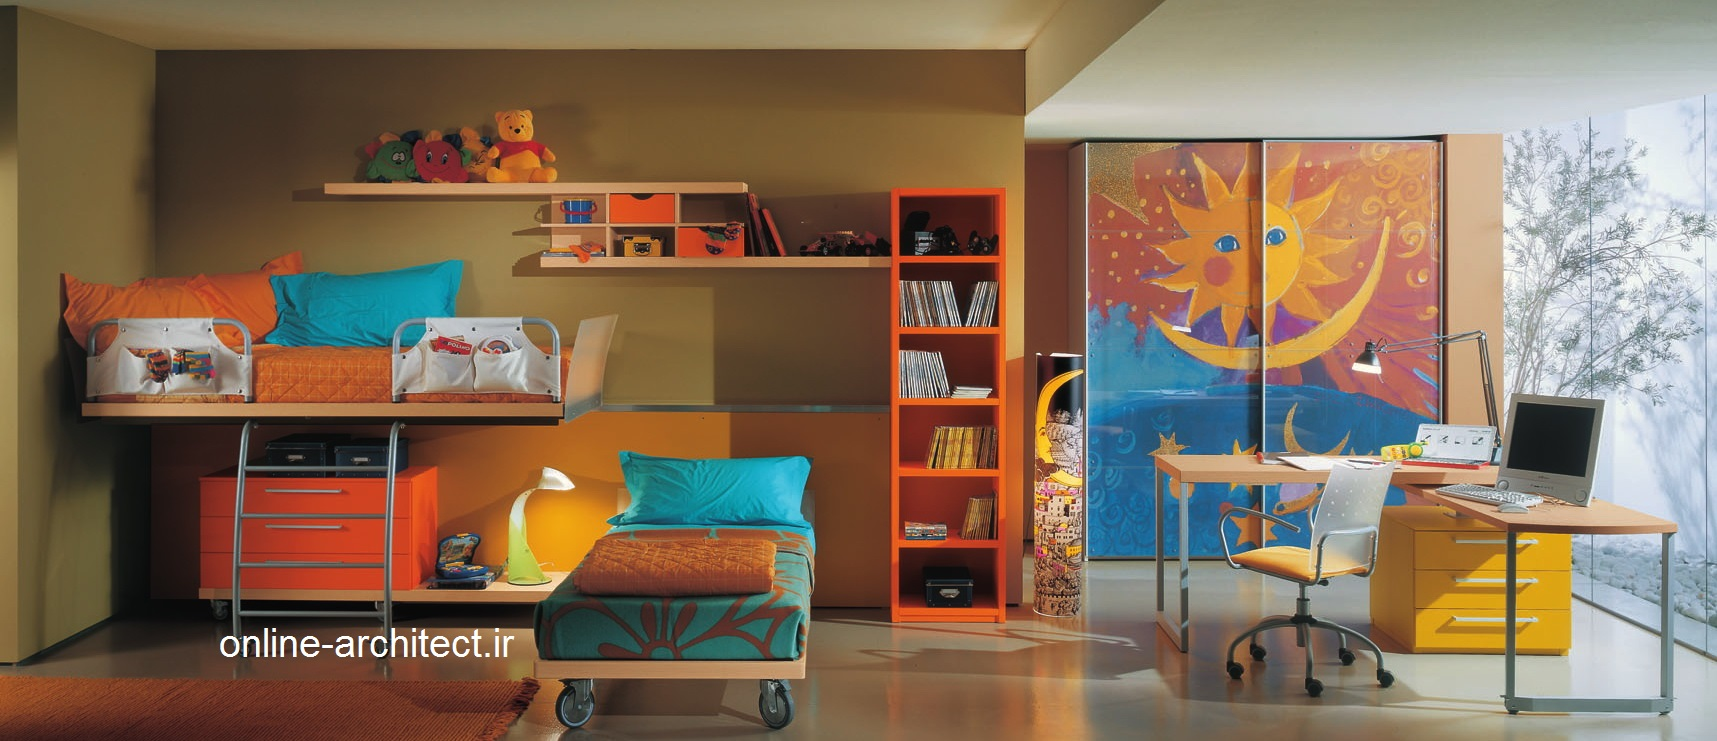 دیزاین دکوراسیون داخلی اتاق خواب کودکان